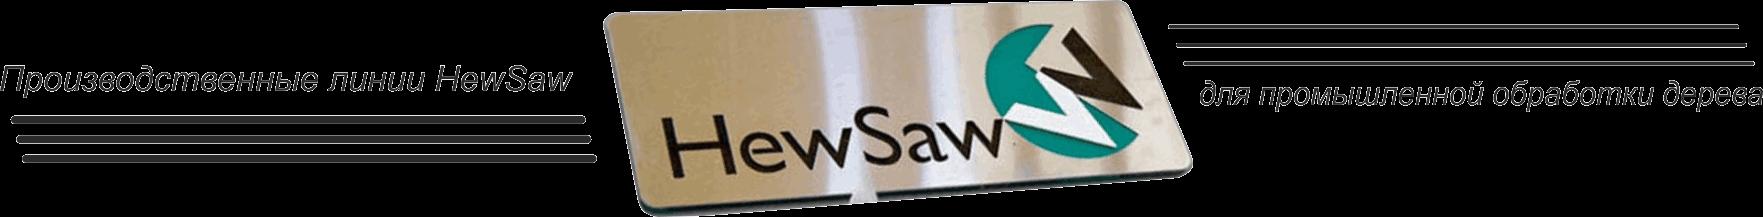 HewSaw_logo